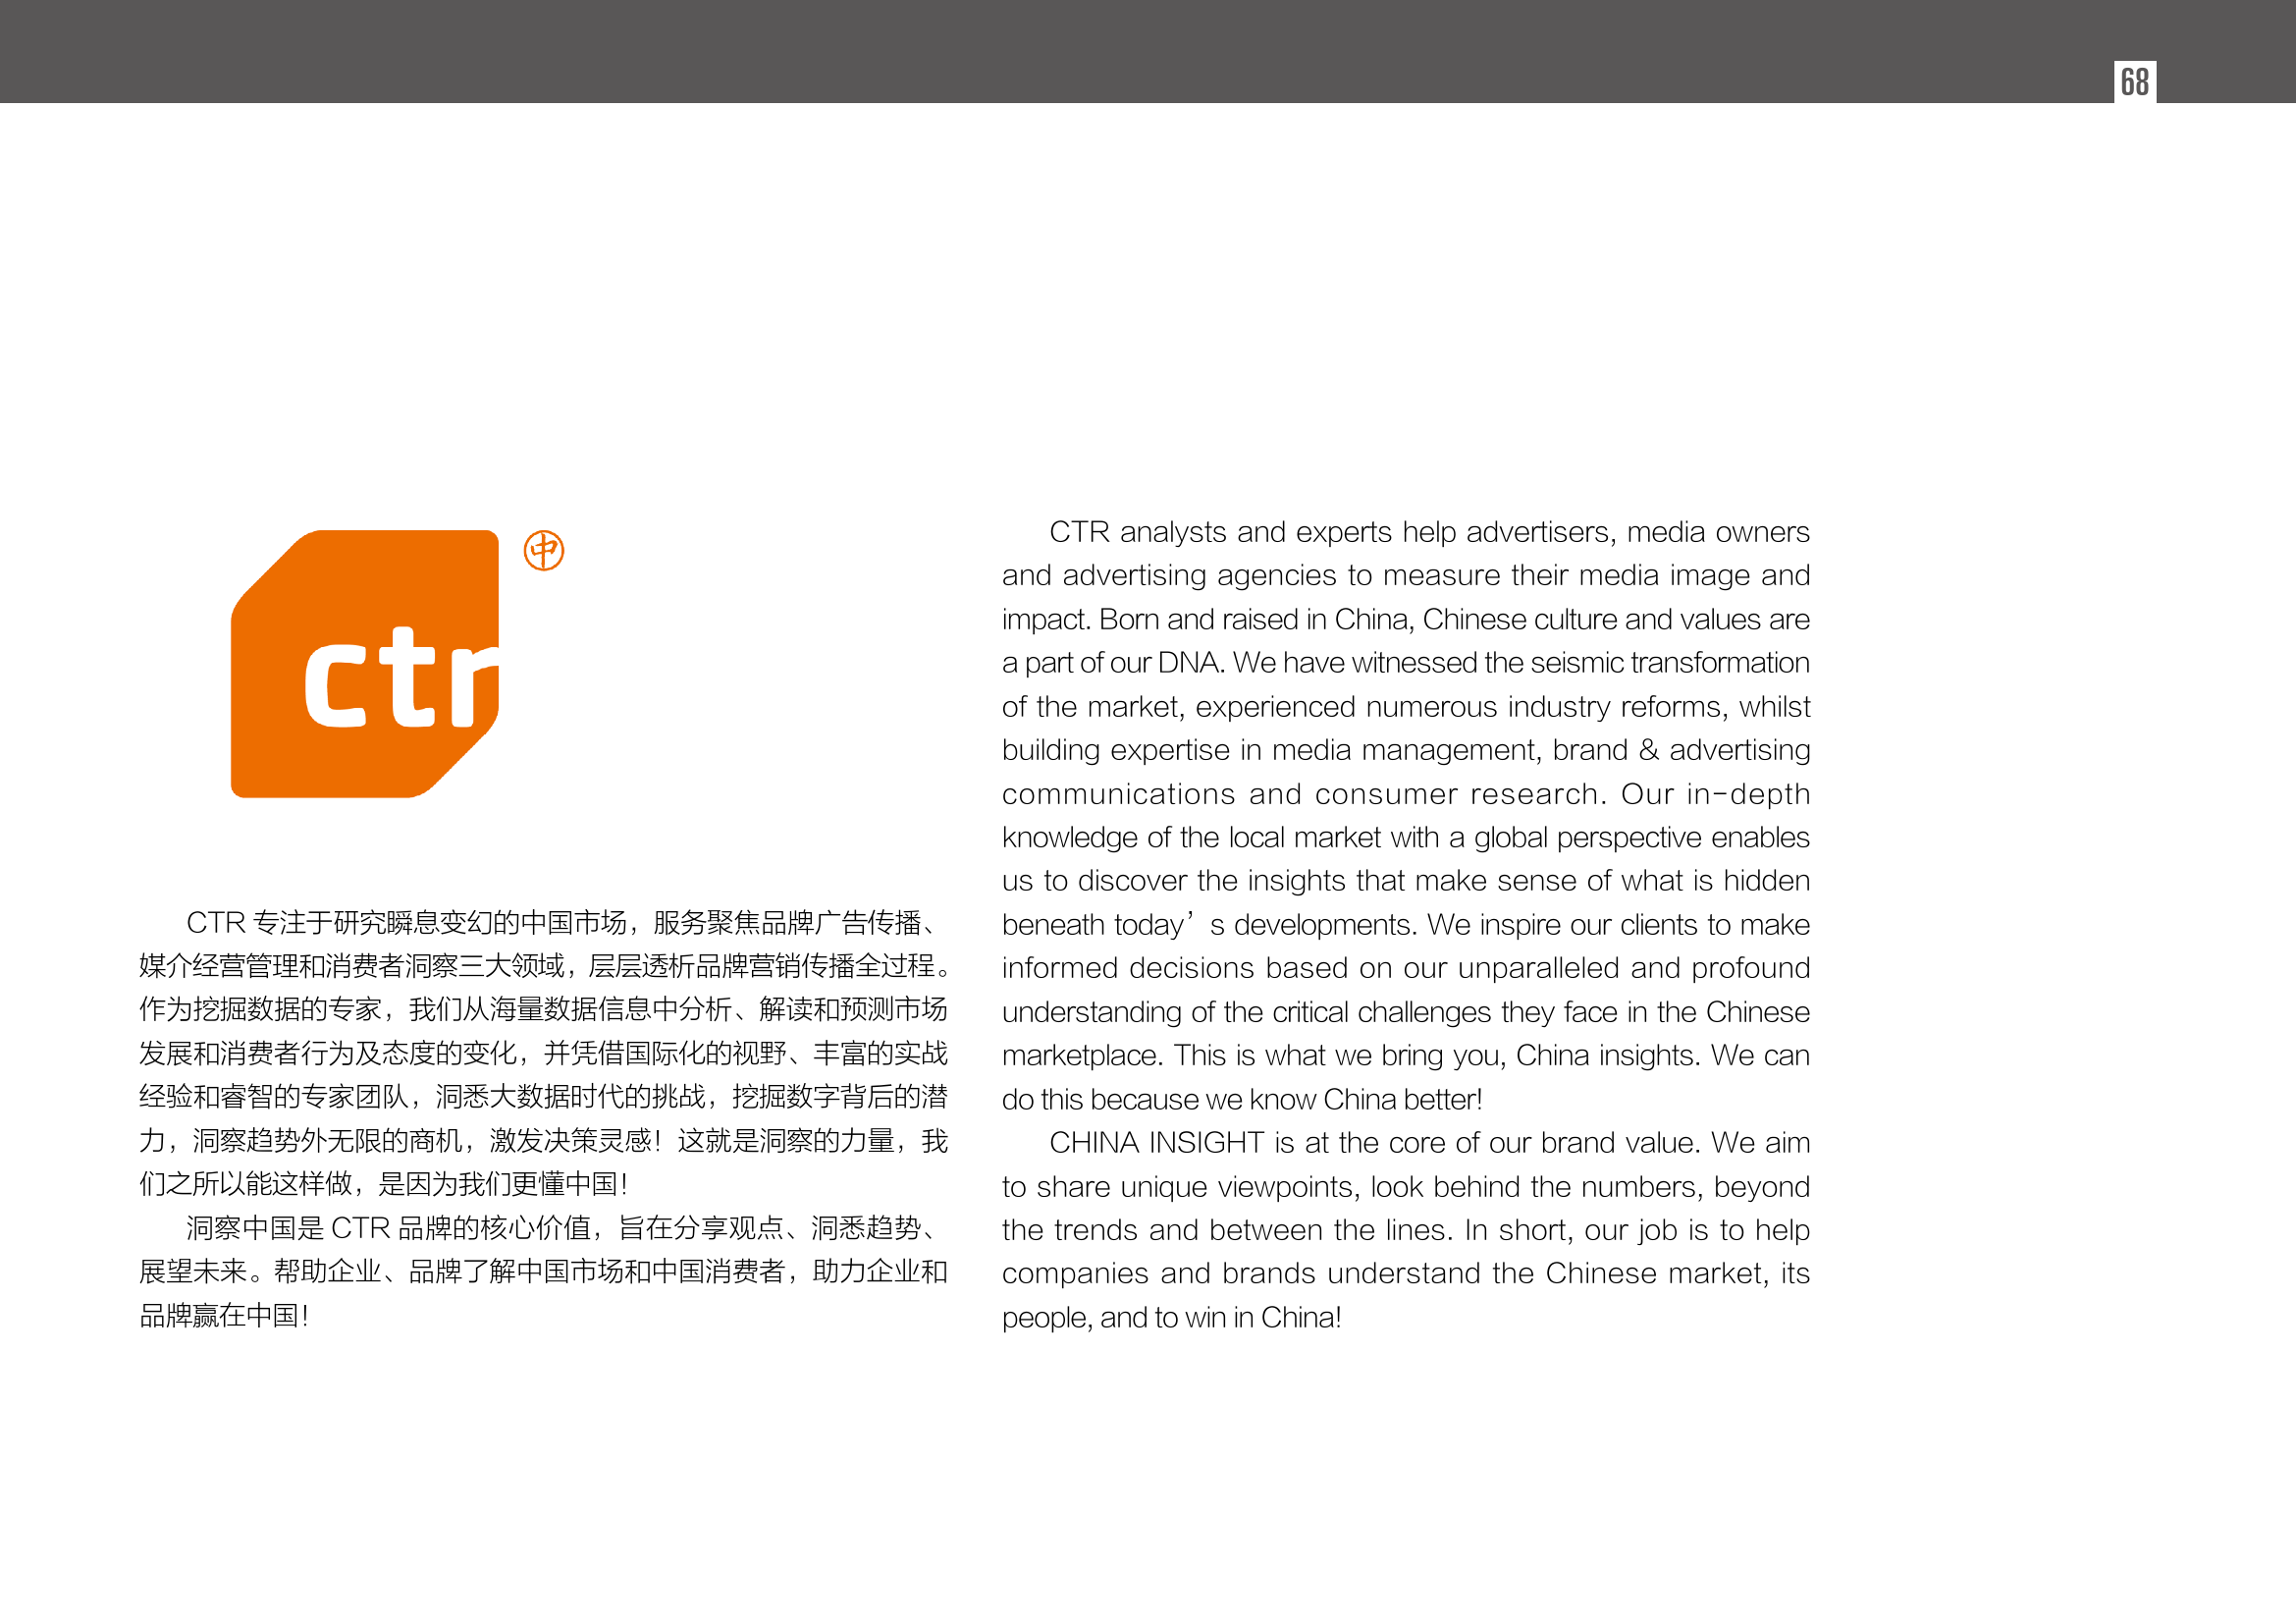 2016中国数字营销行动报告_000068